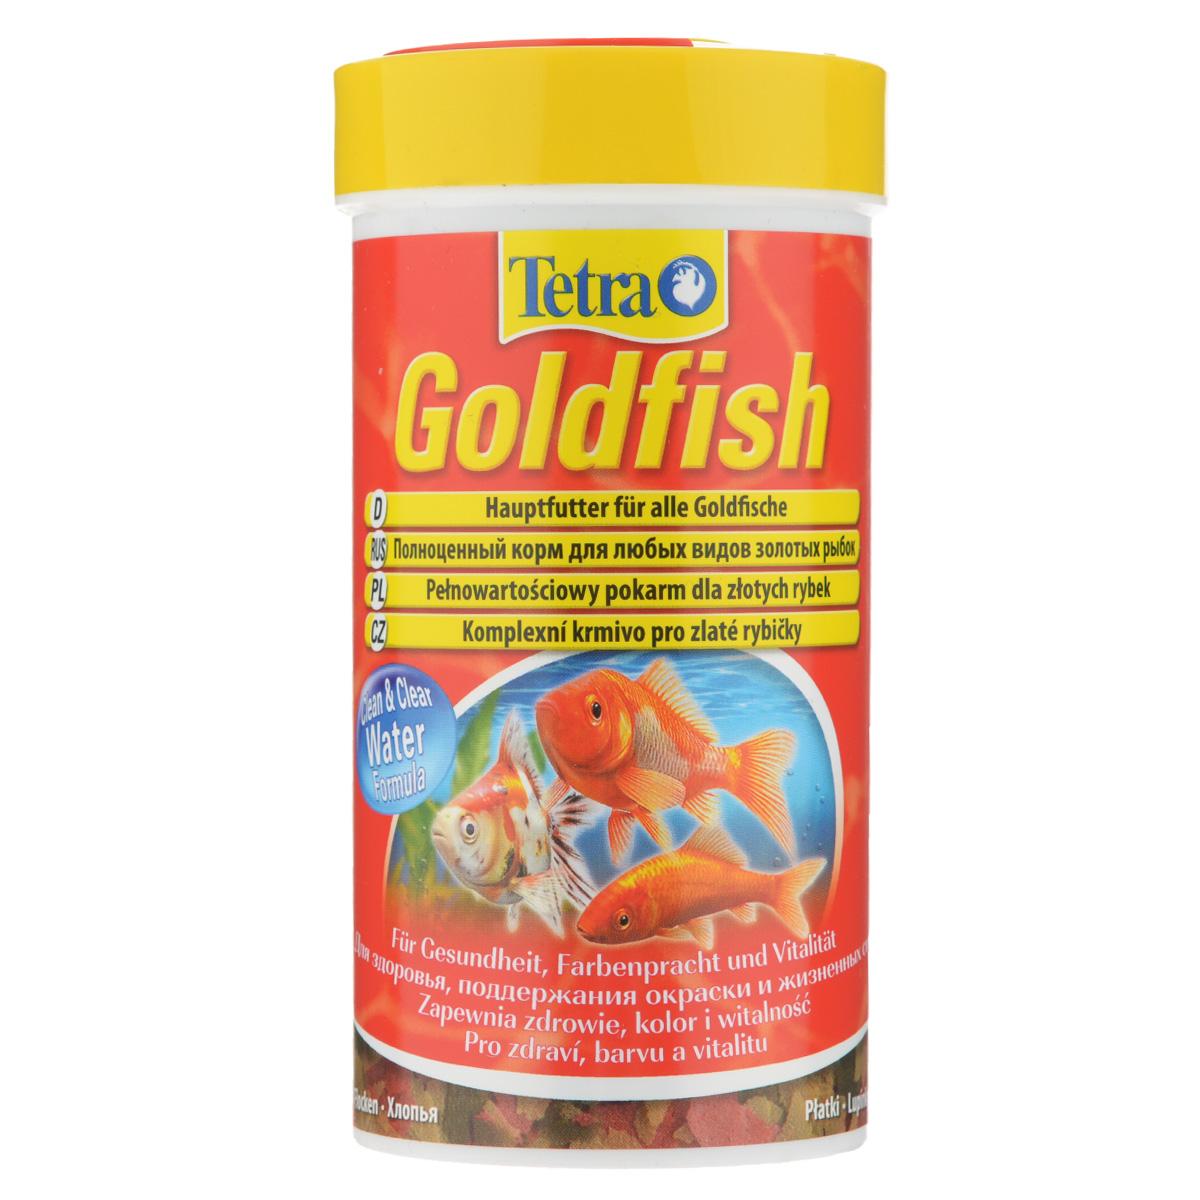 Корм Tetra Goldfish для любых видов золотых рыбок, в виде хлопьев, 250 мл140127Корм Tetra Goldfish - высококачественный сбалансированный питательный корм в виде хлопьев для всех видов золотых рыбок. Для здоровья, поддержания окраски и жизненных сил. Особенности Tetra Goldfish: разнообразное питание, которое достигается за счет оптимально подобранного состава хлопьев, содержит все необходимые питательные вещества и микроэлементы, улучшает здоровье, жизненную силу и богатство красок, с запатентованной формулой BioActive- для продолжительной и здоровой жизни ваших питомцев, с формулой Clean & Clear Water: улучшает усваиваемость корма и сокращает количество экскрементов рыб - для чистой и прозрачной аквариумной воды. Рекомендации по кормлению: кормите несколько раз в день маленькими порциями. Характеристики: Состав: рыба и побочные рыбные продукты, экстракты растительного белка, зерновые культуры, дрожжи, моллюски и раки, масла и жиры, водоросли, сахар. Пищевая...